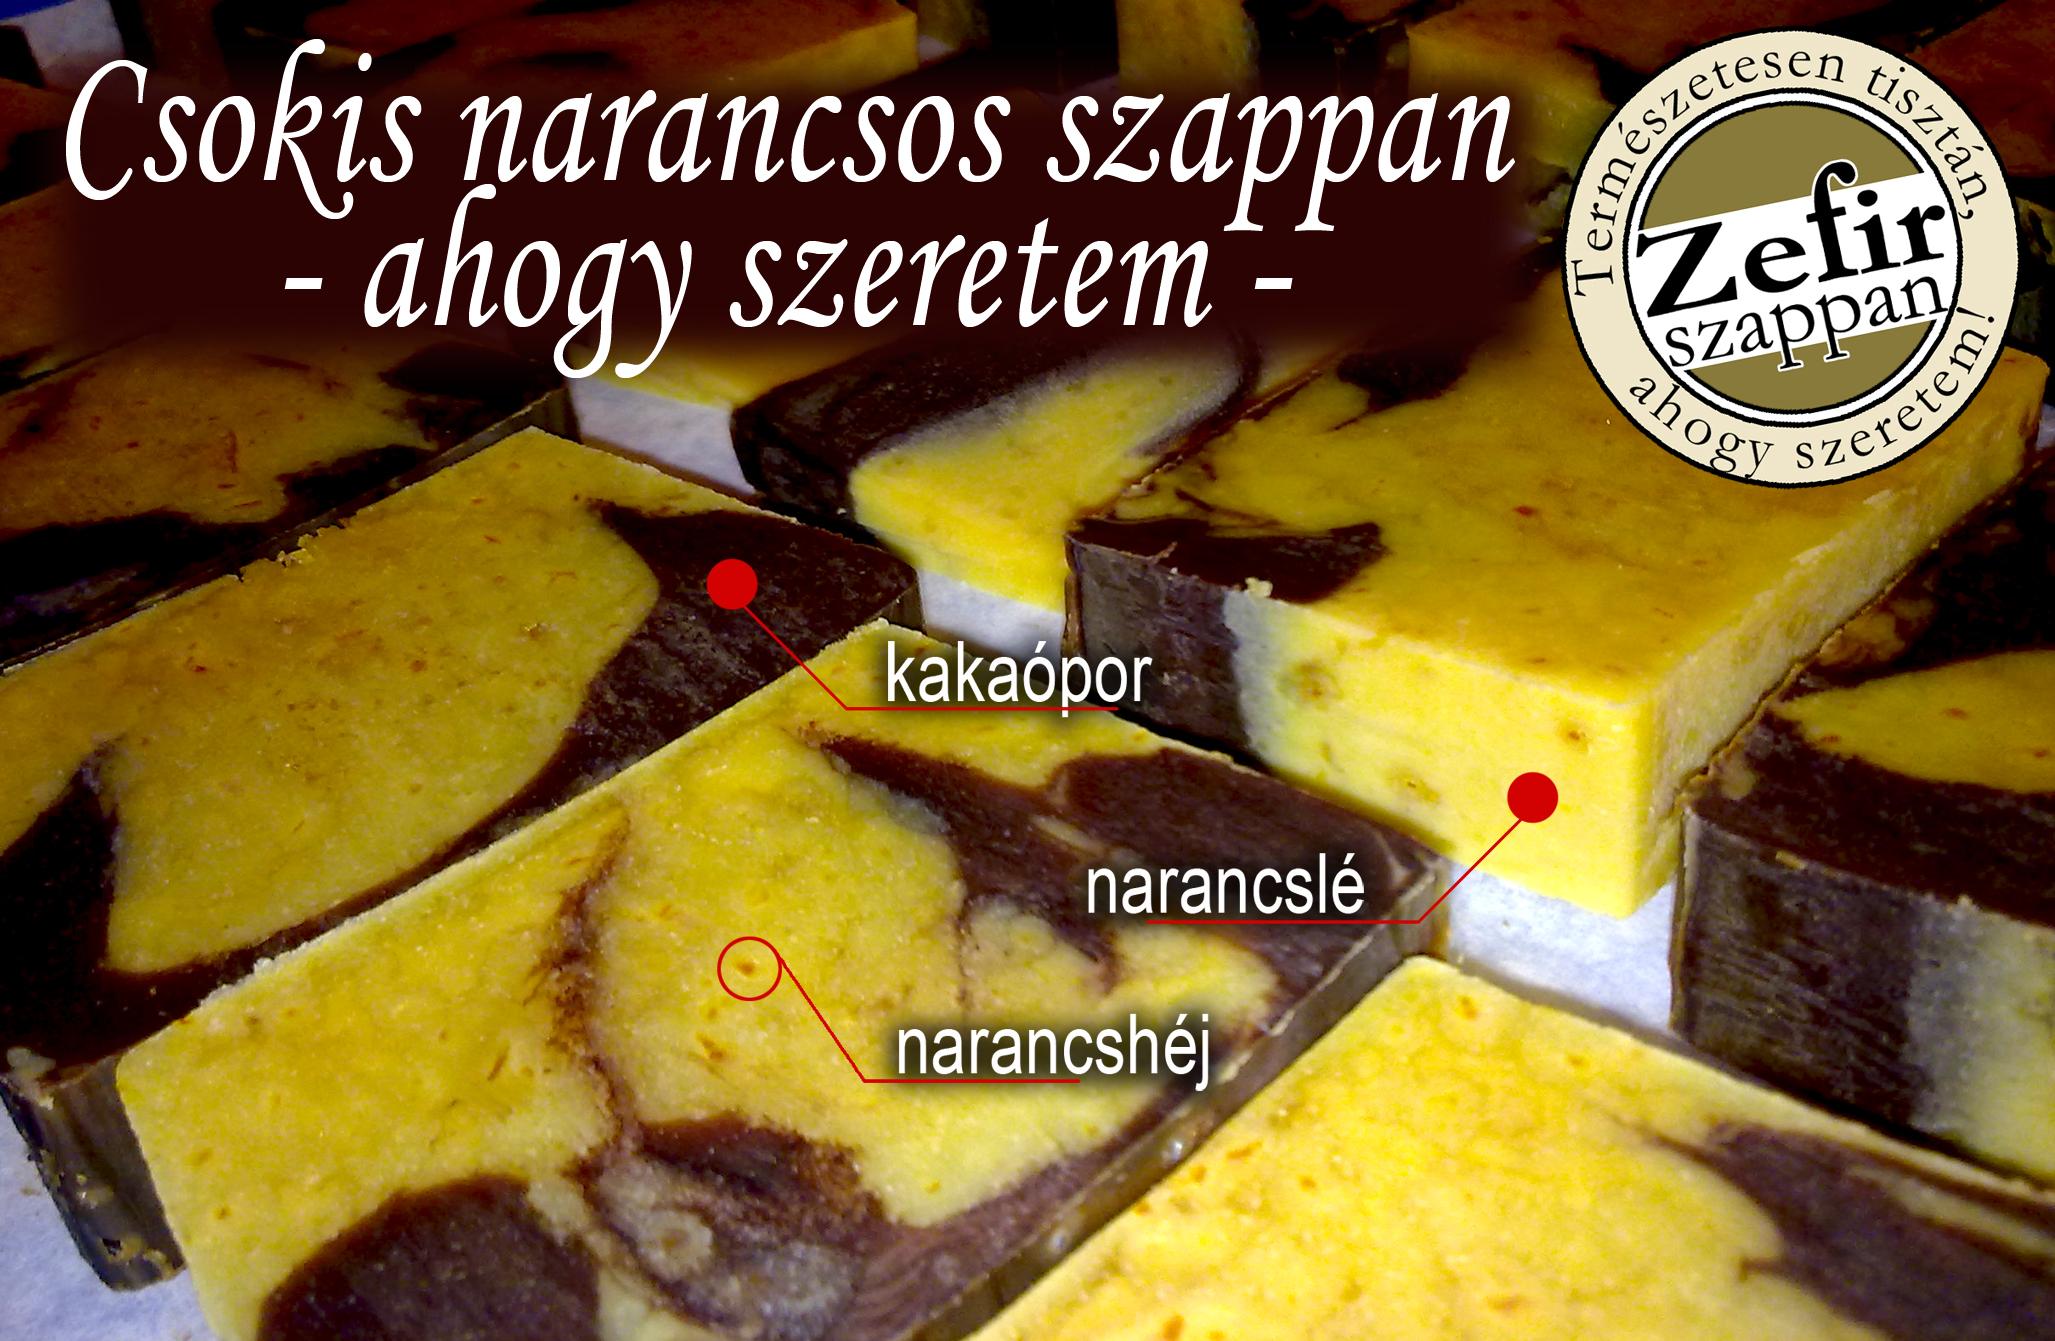 csokis-narancs_szappan_2_121012.jpg